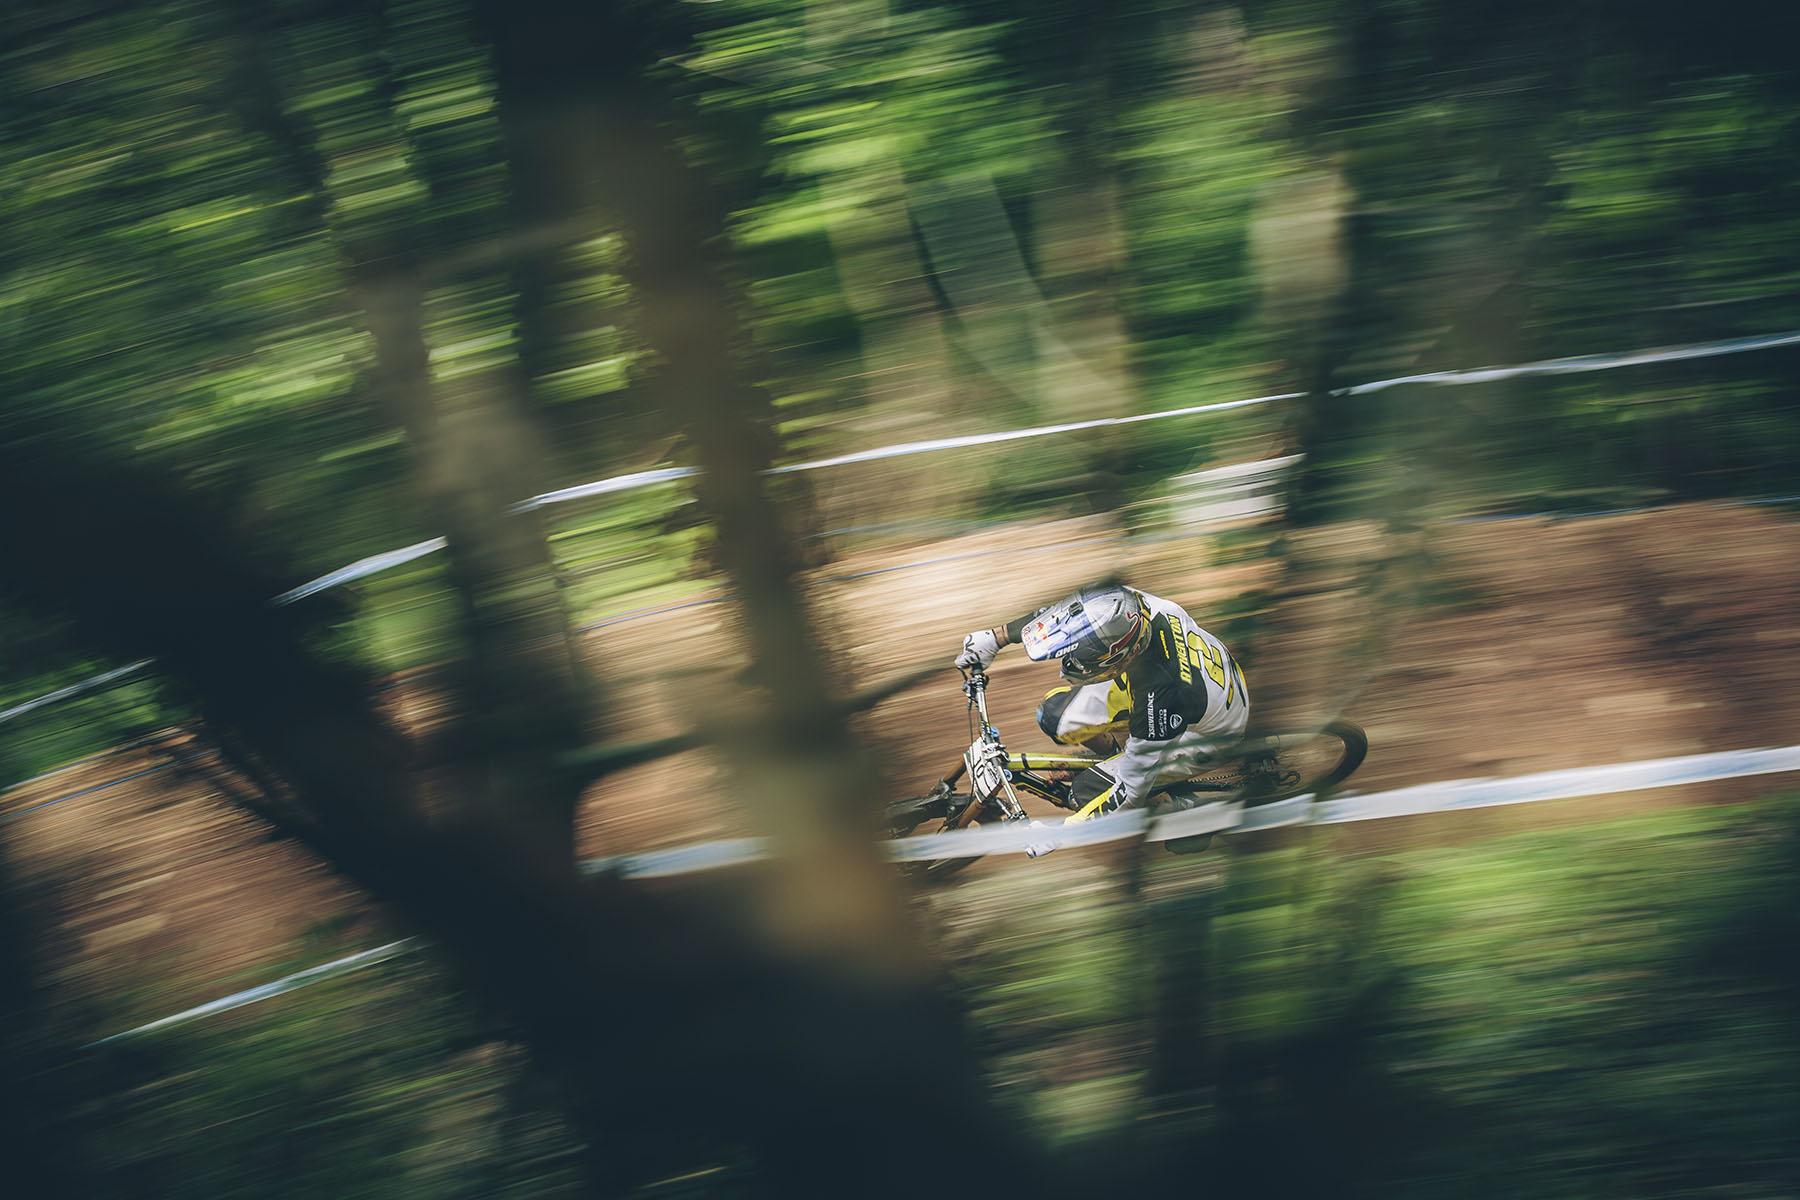 Gee Atherton hatte die Woche über immer wieder Veränderungen an seinem Bike vorgenommen, um sich den Sieg in Cairns zu holen. Anscheinend hat er alles richtig gemacht und konnte schon von Anfang an, schneller als der Hot Seat Inhaber Bryceland  am ersten Split vorbei fahren.